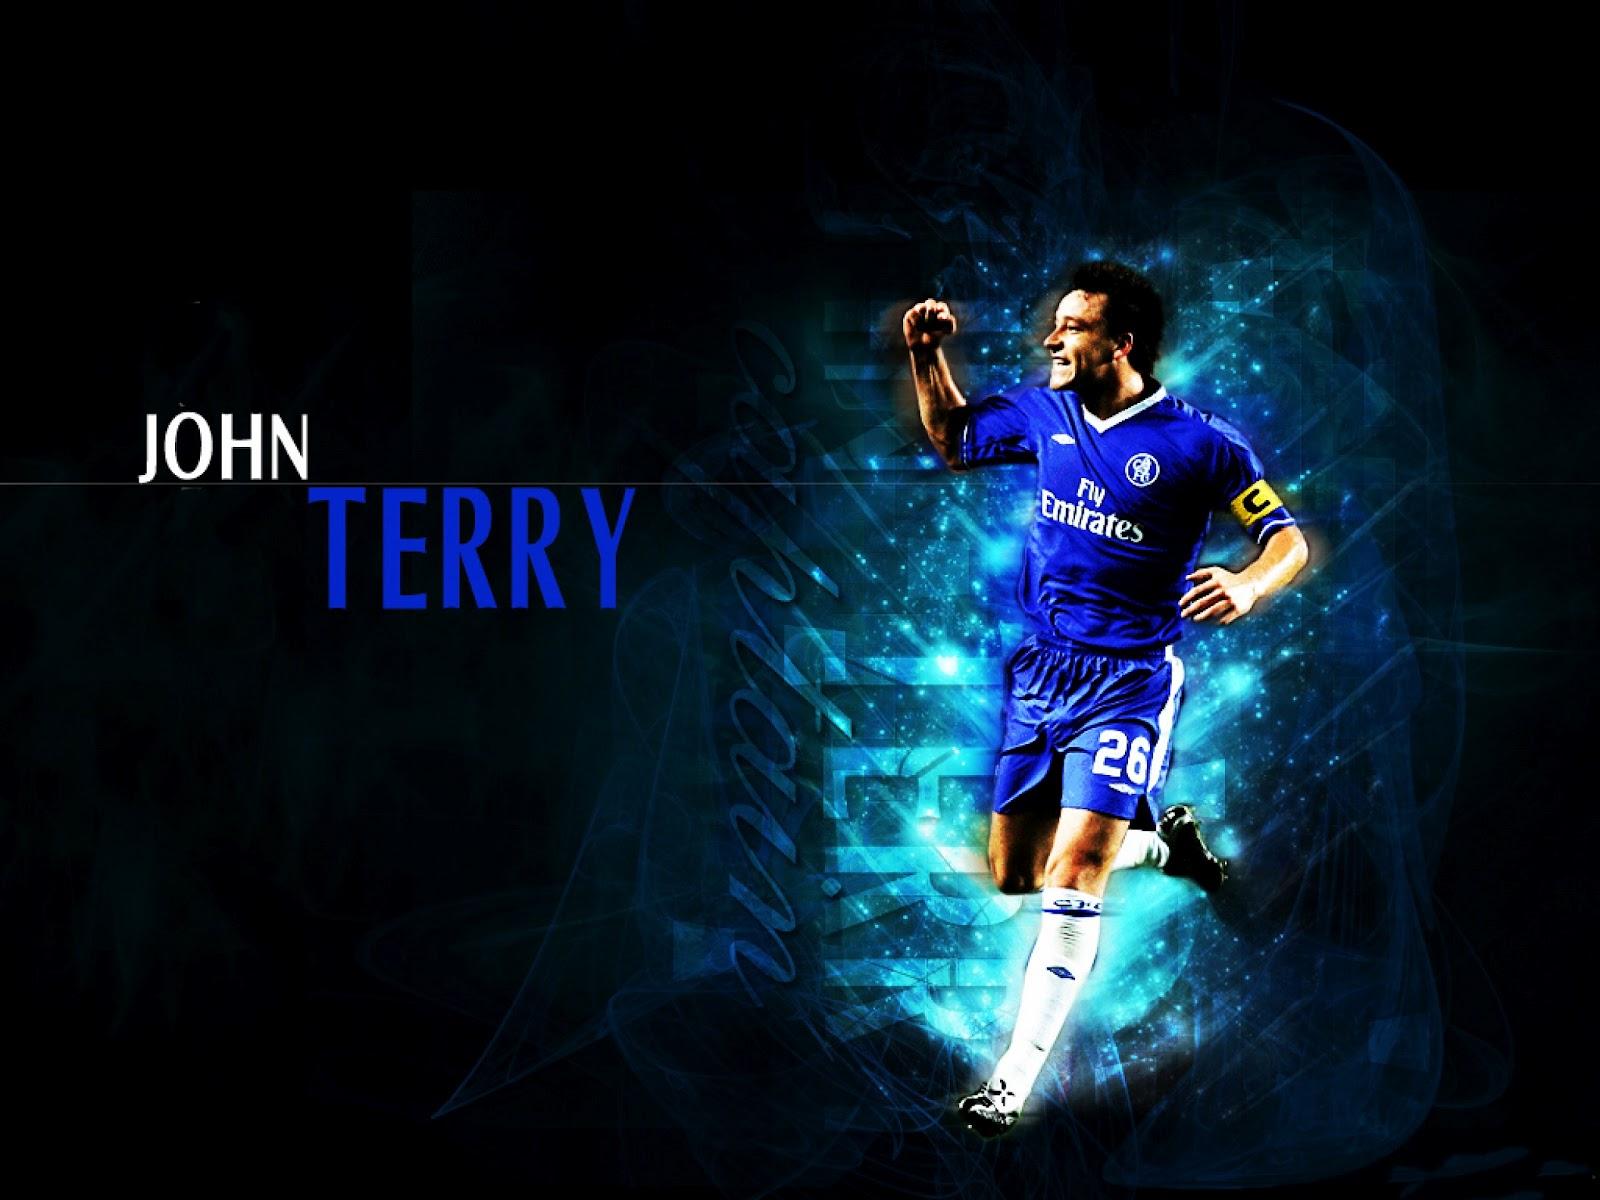 http://3.bp.blogspot.com/-0oYxDPBliHs/UEyLAWQvtlI/AAAAAAAAC7k/tpEF6GCwnrQ/s1600/John+Terry+New+Wallpaper+2012+02.jpg